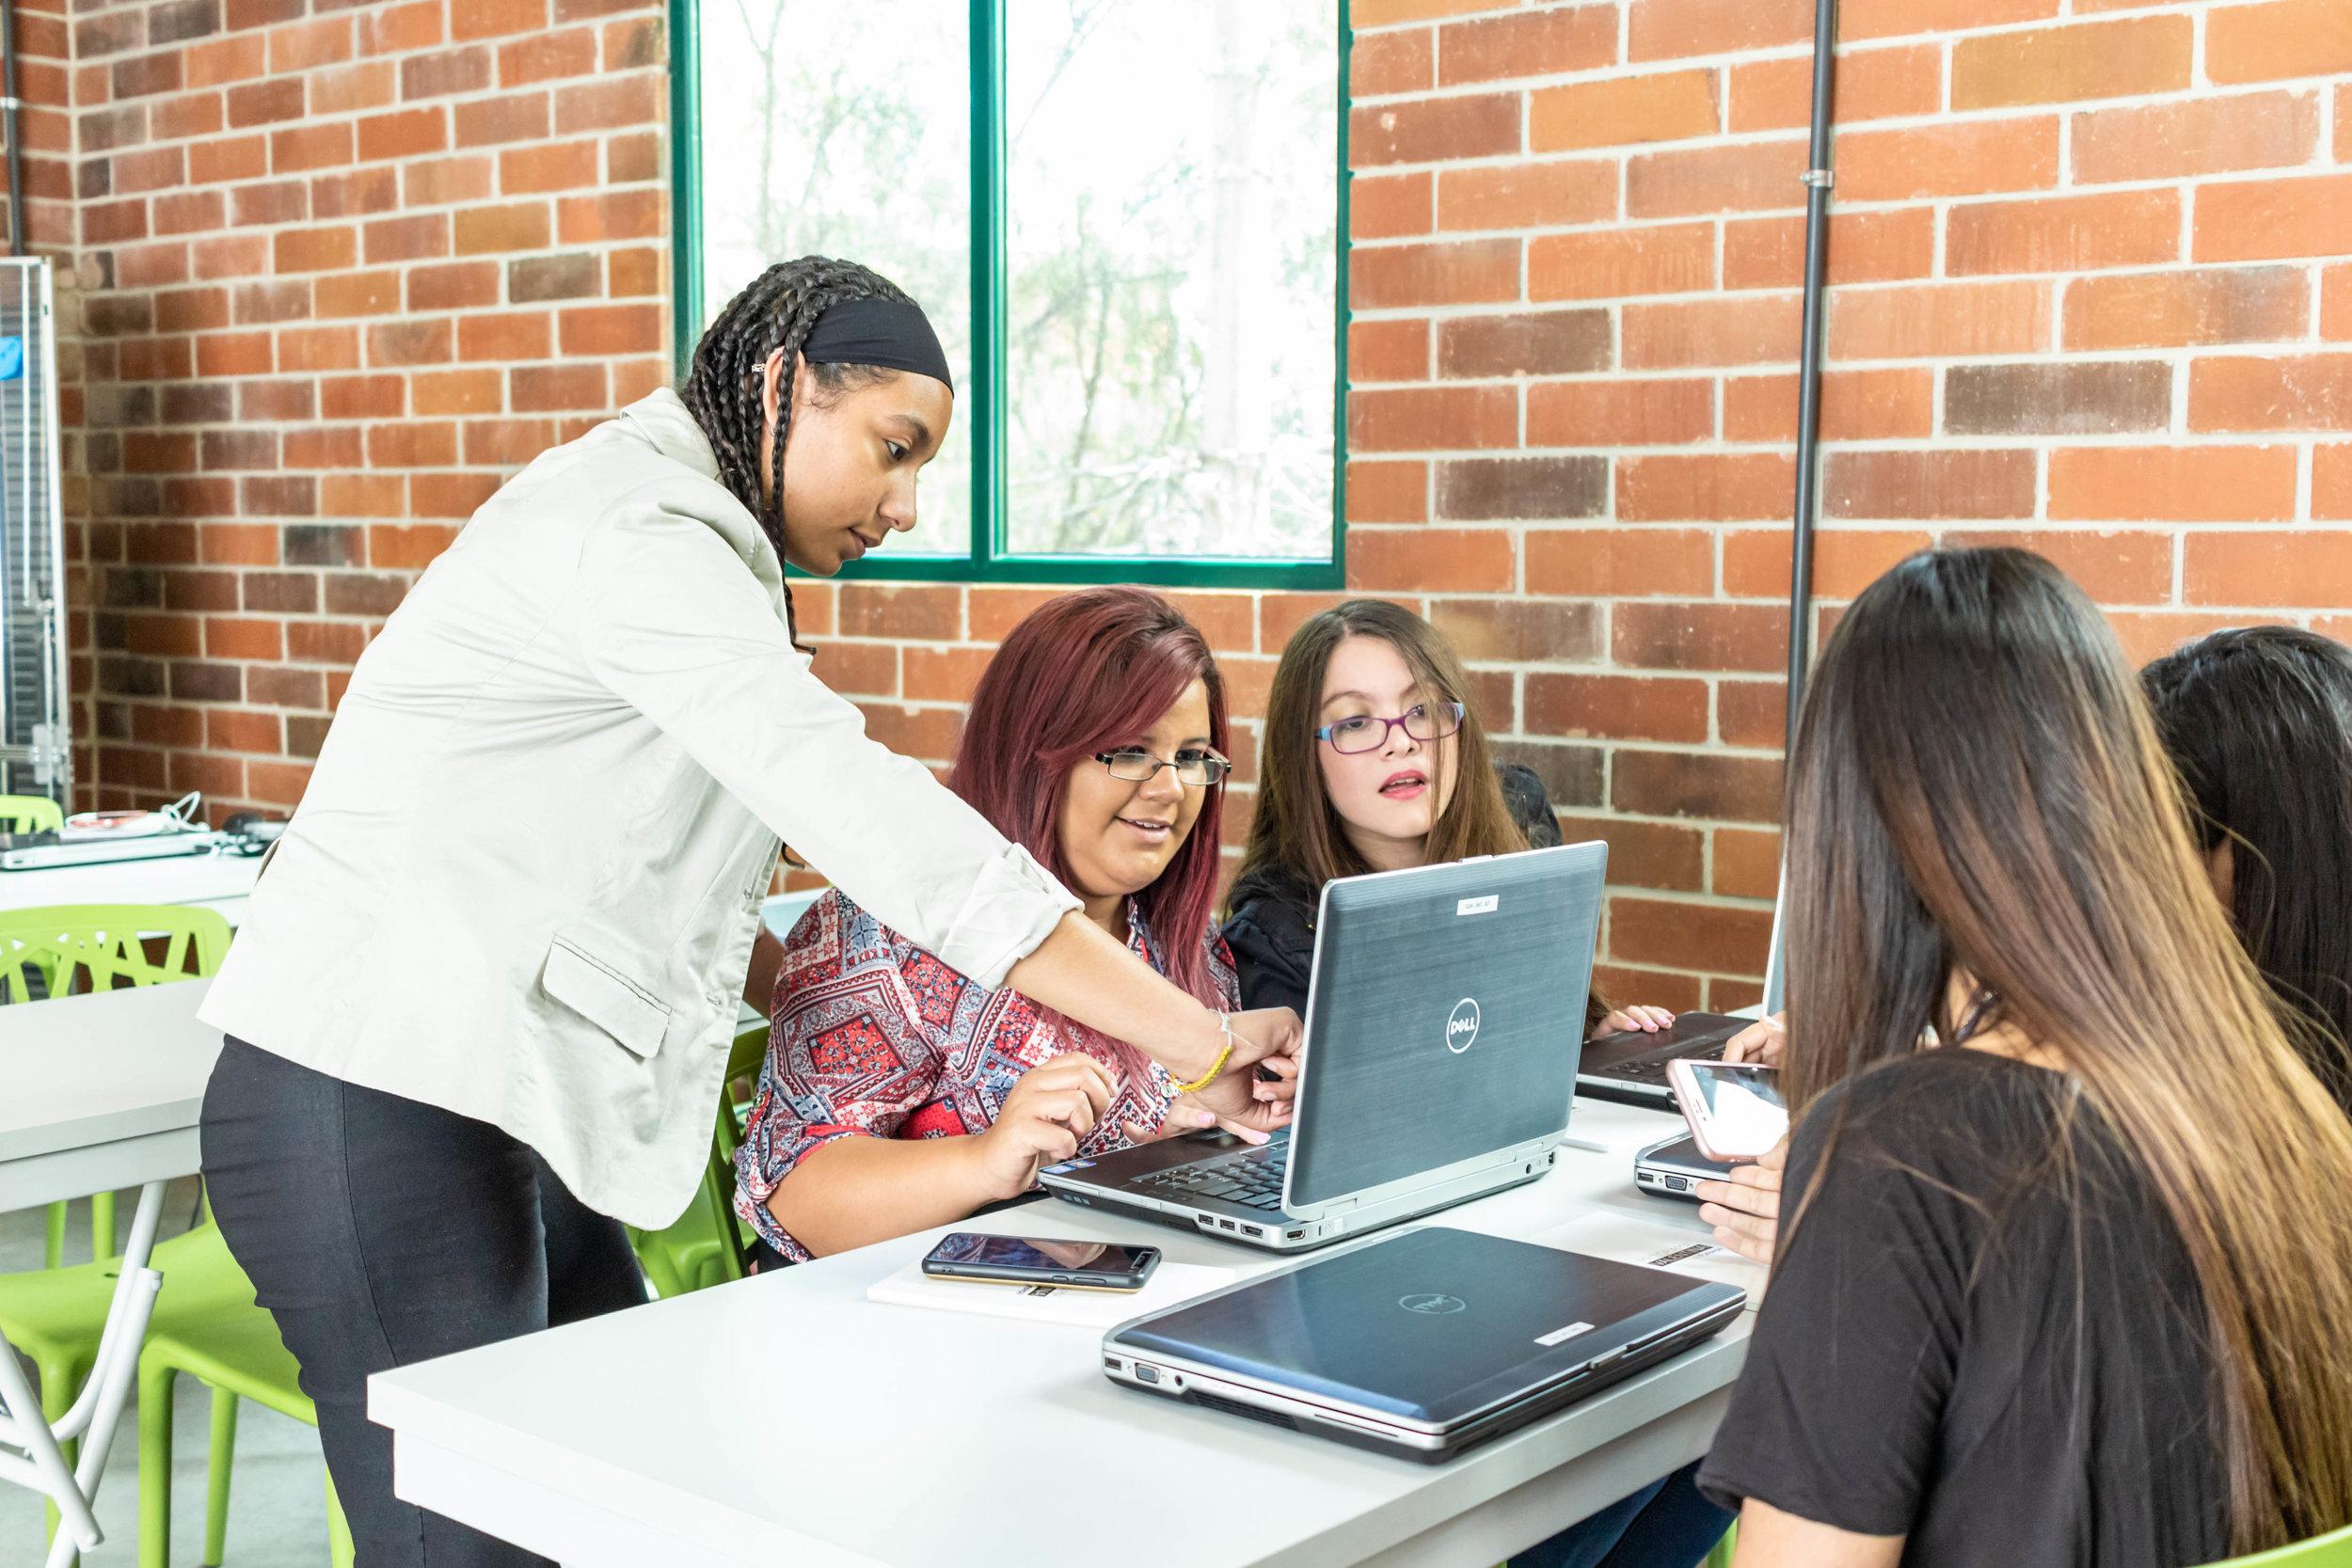 Si DESEAS aprenderY DESARROLLARTE en tecnología… - Hoy, todos los jóvenes que pasan por el Programa son llamados Valentinas y Valentinos, también en referencia a la valentía que se requiere para romper paradigmas y alcanzar el éxito.